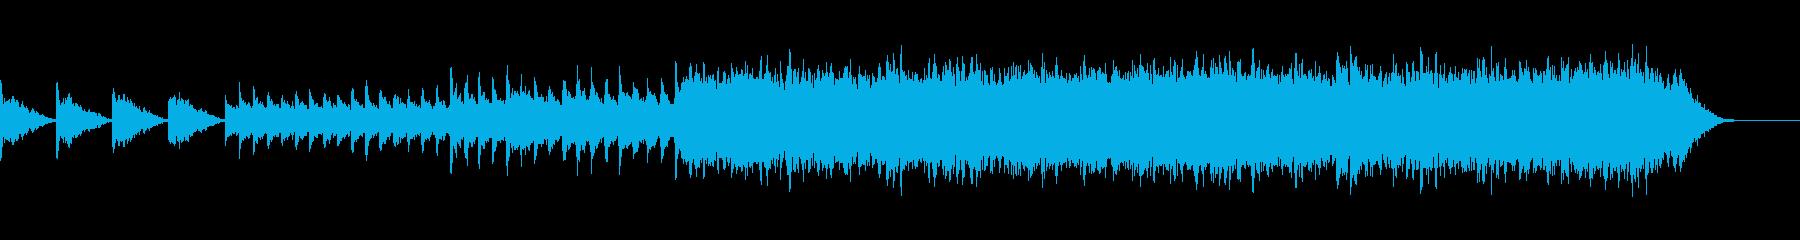 暗く冷たい雰囲気のホラーBGMの再生済みの波形